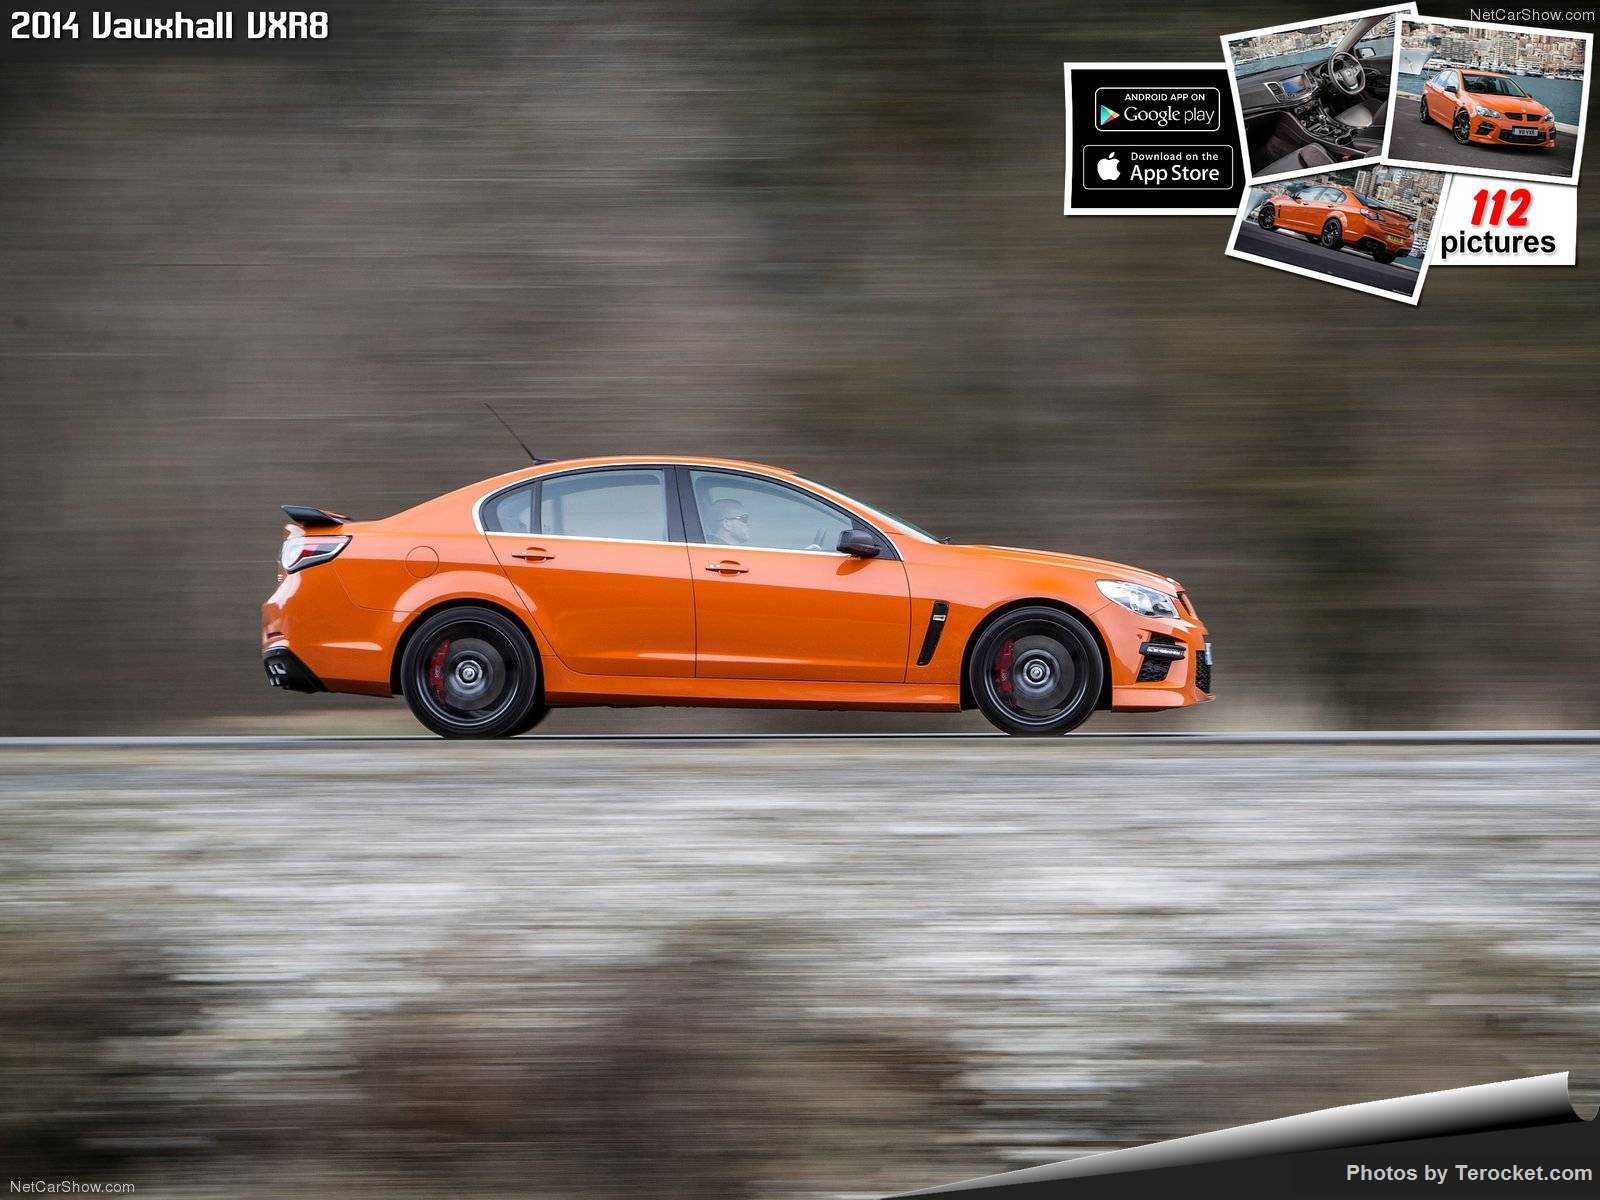 Hình ảnh xe ô tô Vauxhall VXR8 2014 & nội ngoại thất